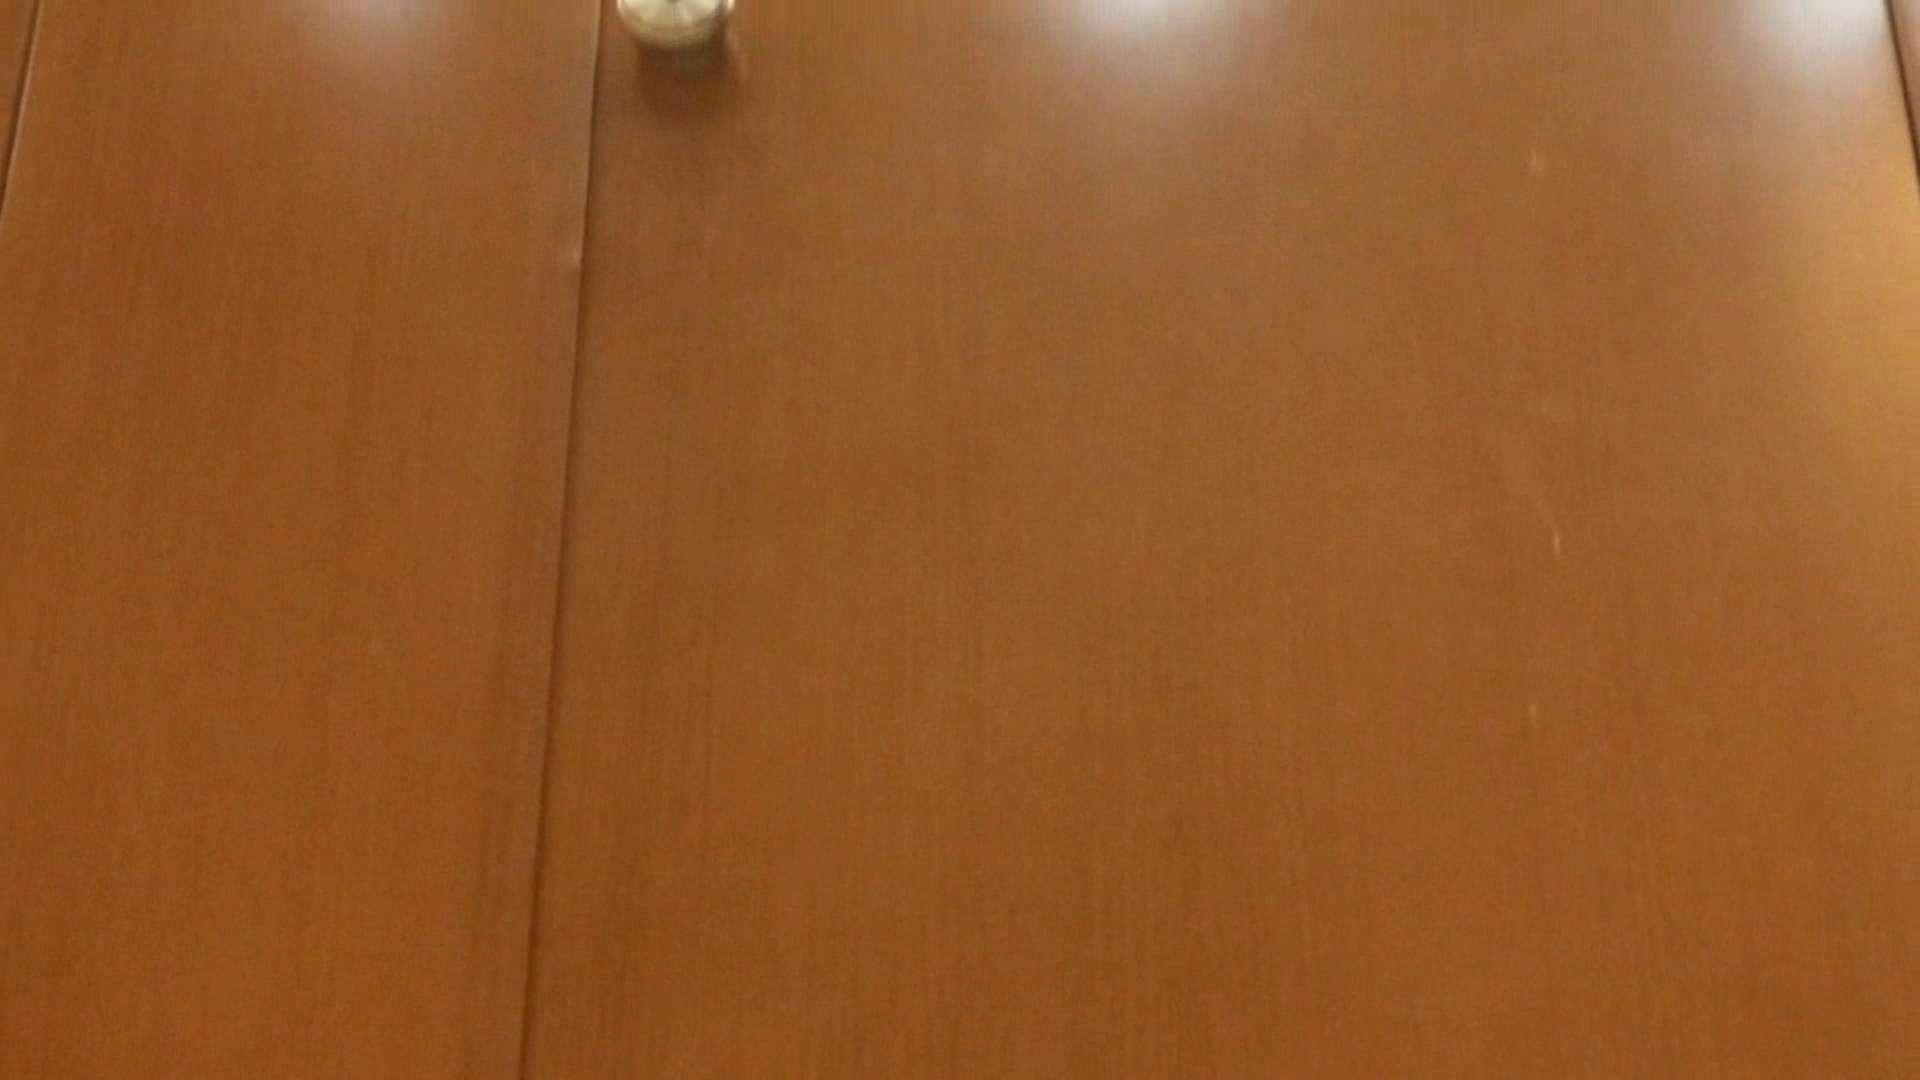 「噂」の国の厠観察日記2 Vol.01 人気シリーズ えろ無修正画像 102pic 83